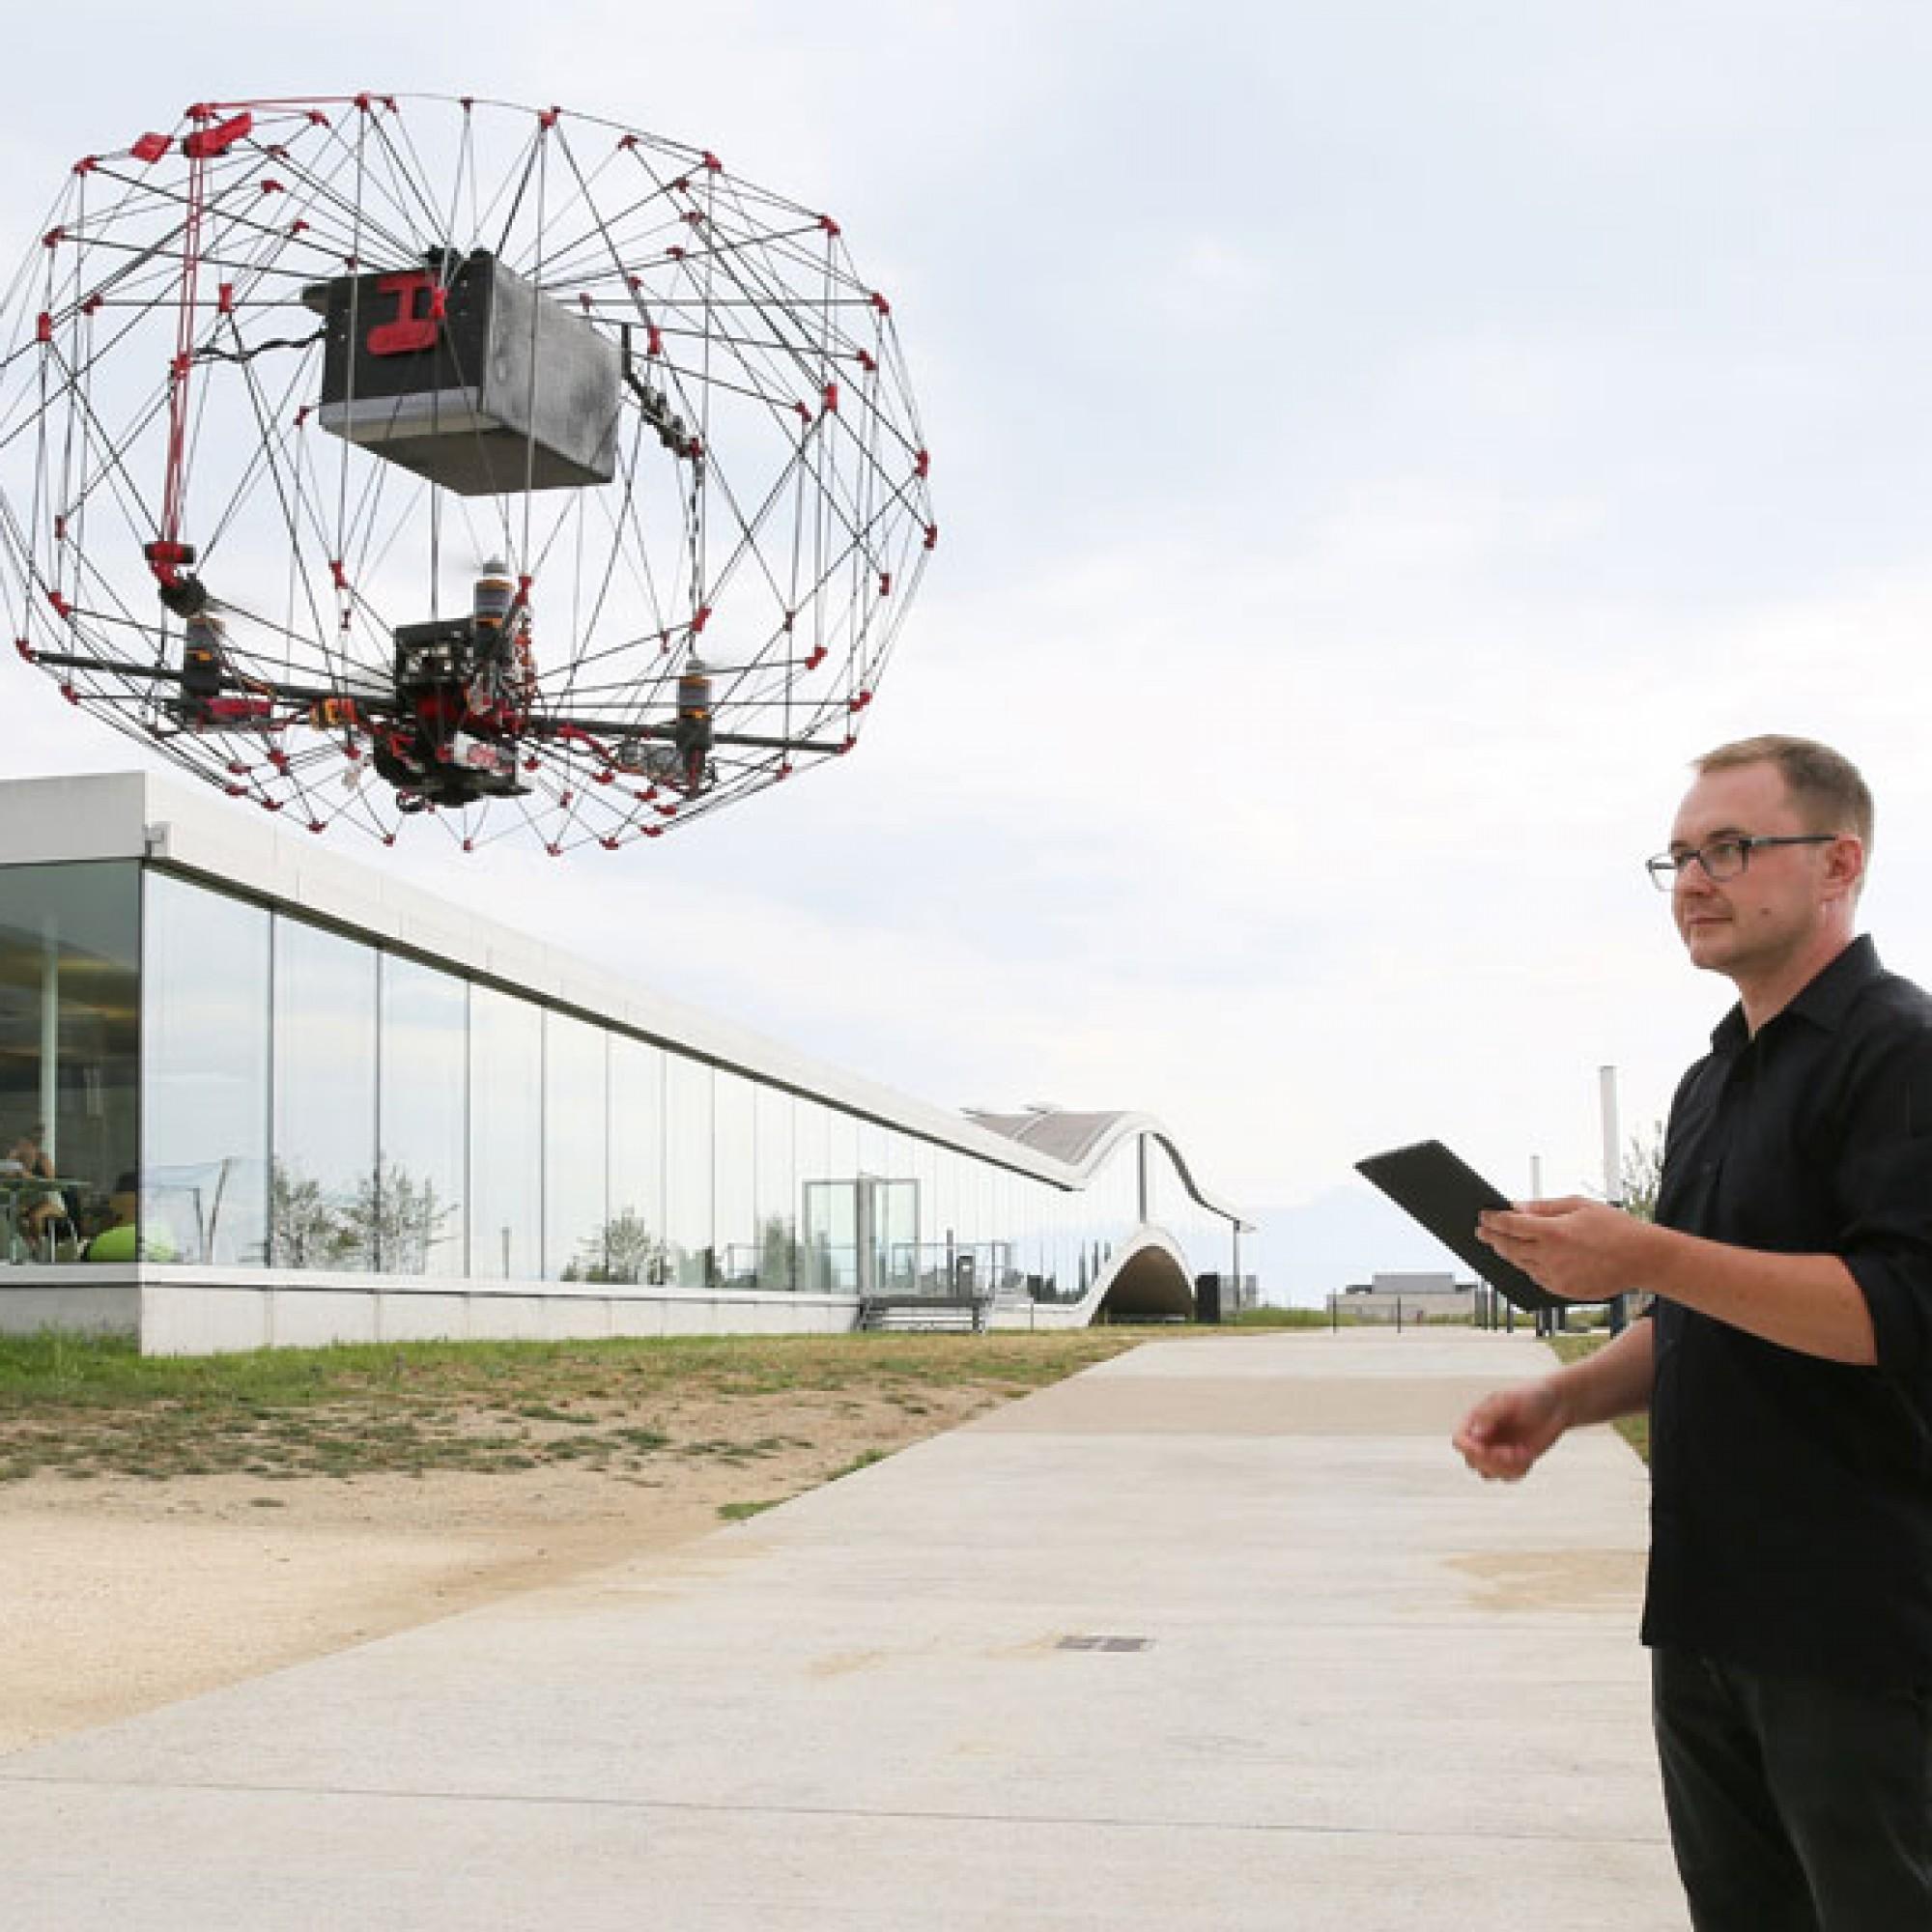 Momentan kann das Flugobjekt Pakete von bis zu 500 Gramm liefern. (Bild: EPFL)